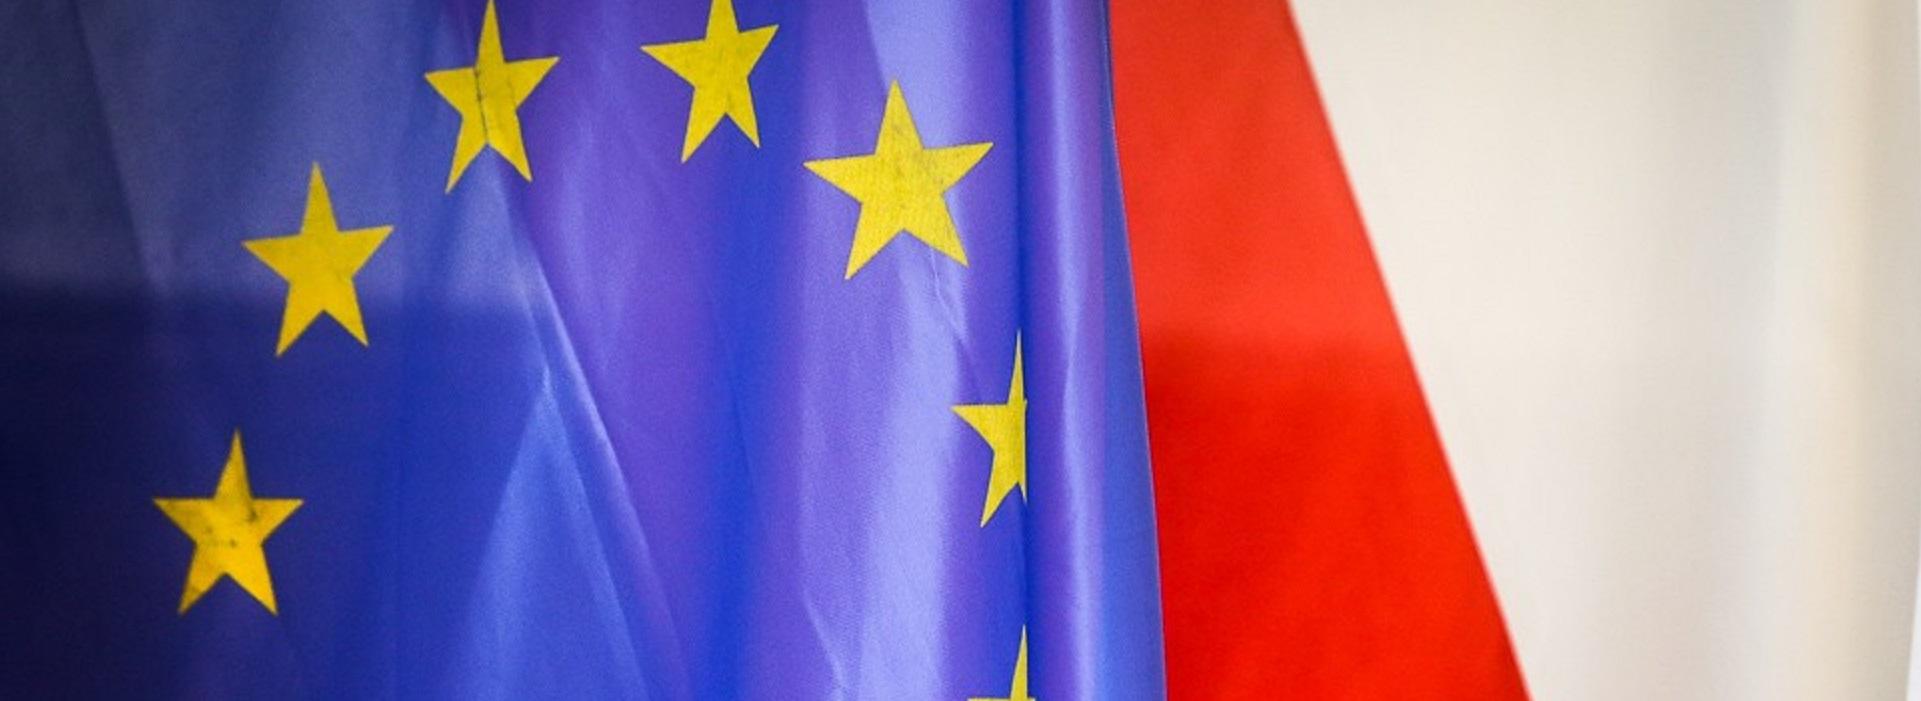 Premier Morawiecki: Polska nie zgodzi się na cięcia w funduszu spójności